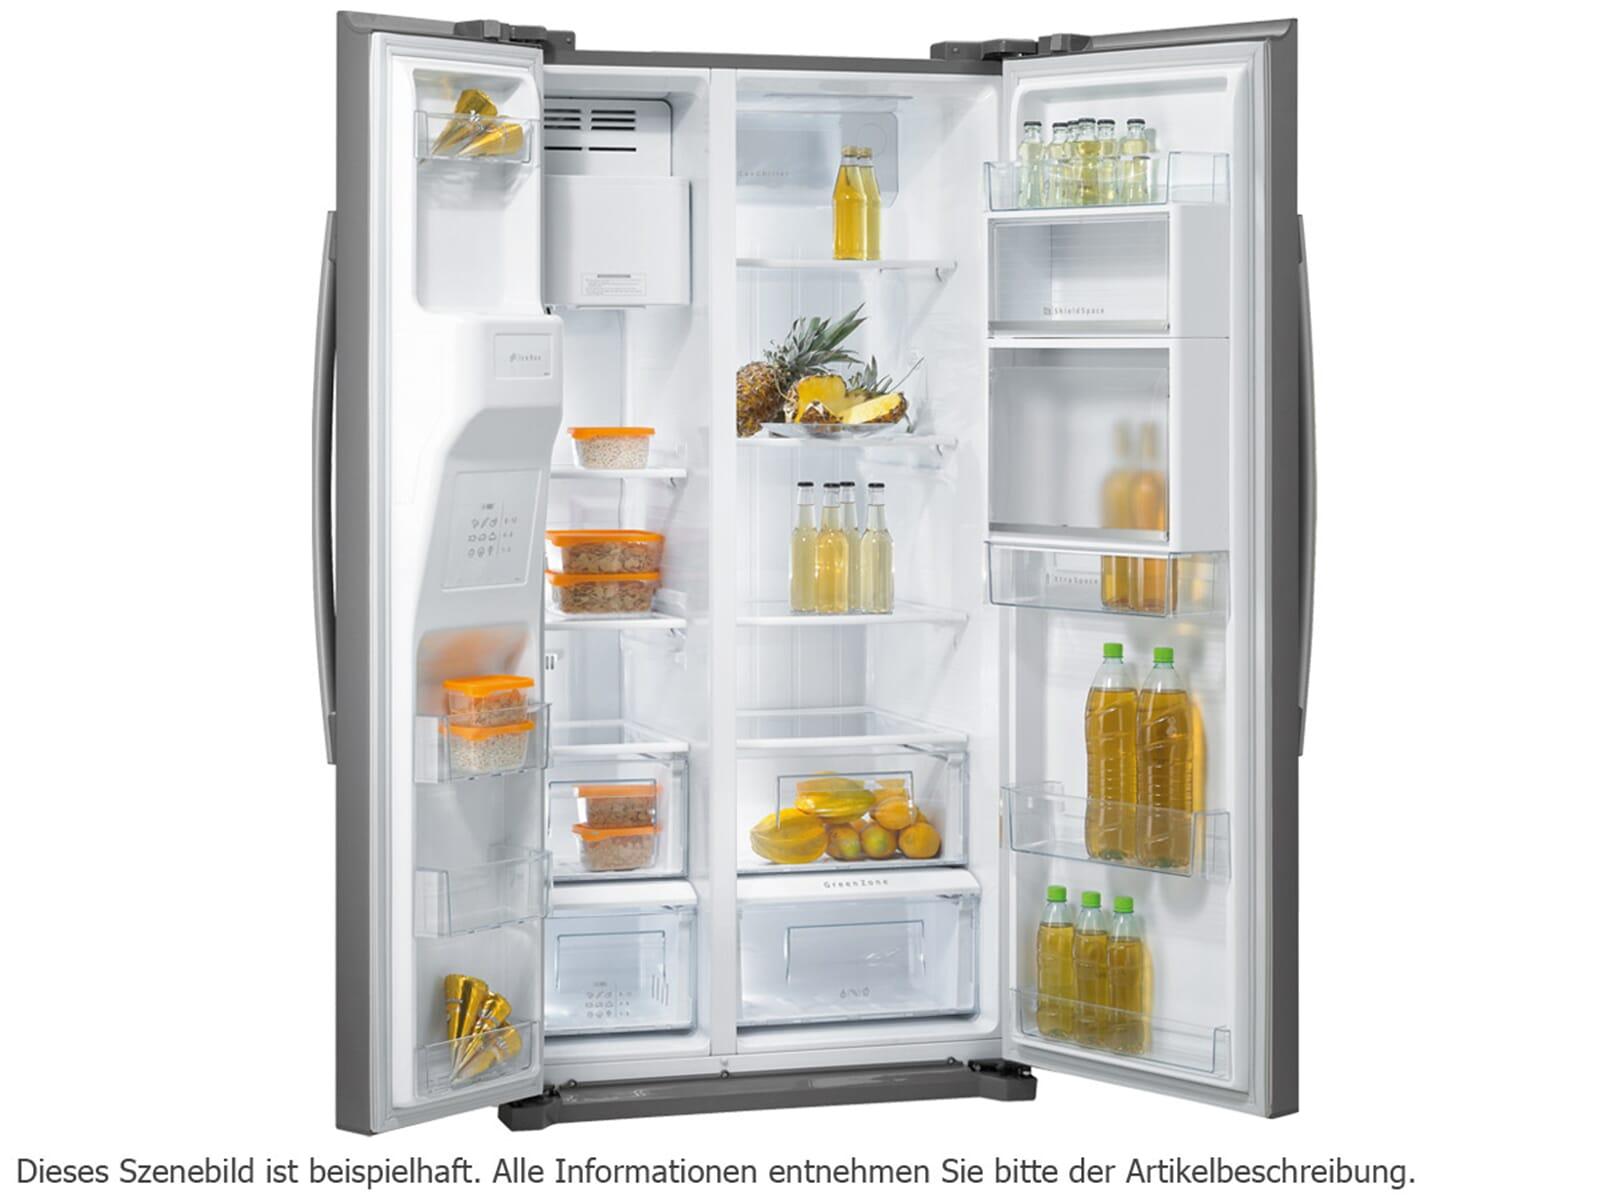 Lidl Kühlschrank Retro : Aldi liefert den retro kühlschrank war früher alles besser chip